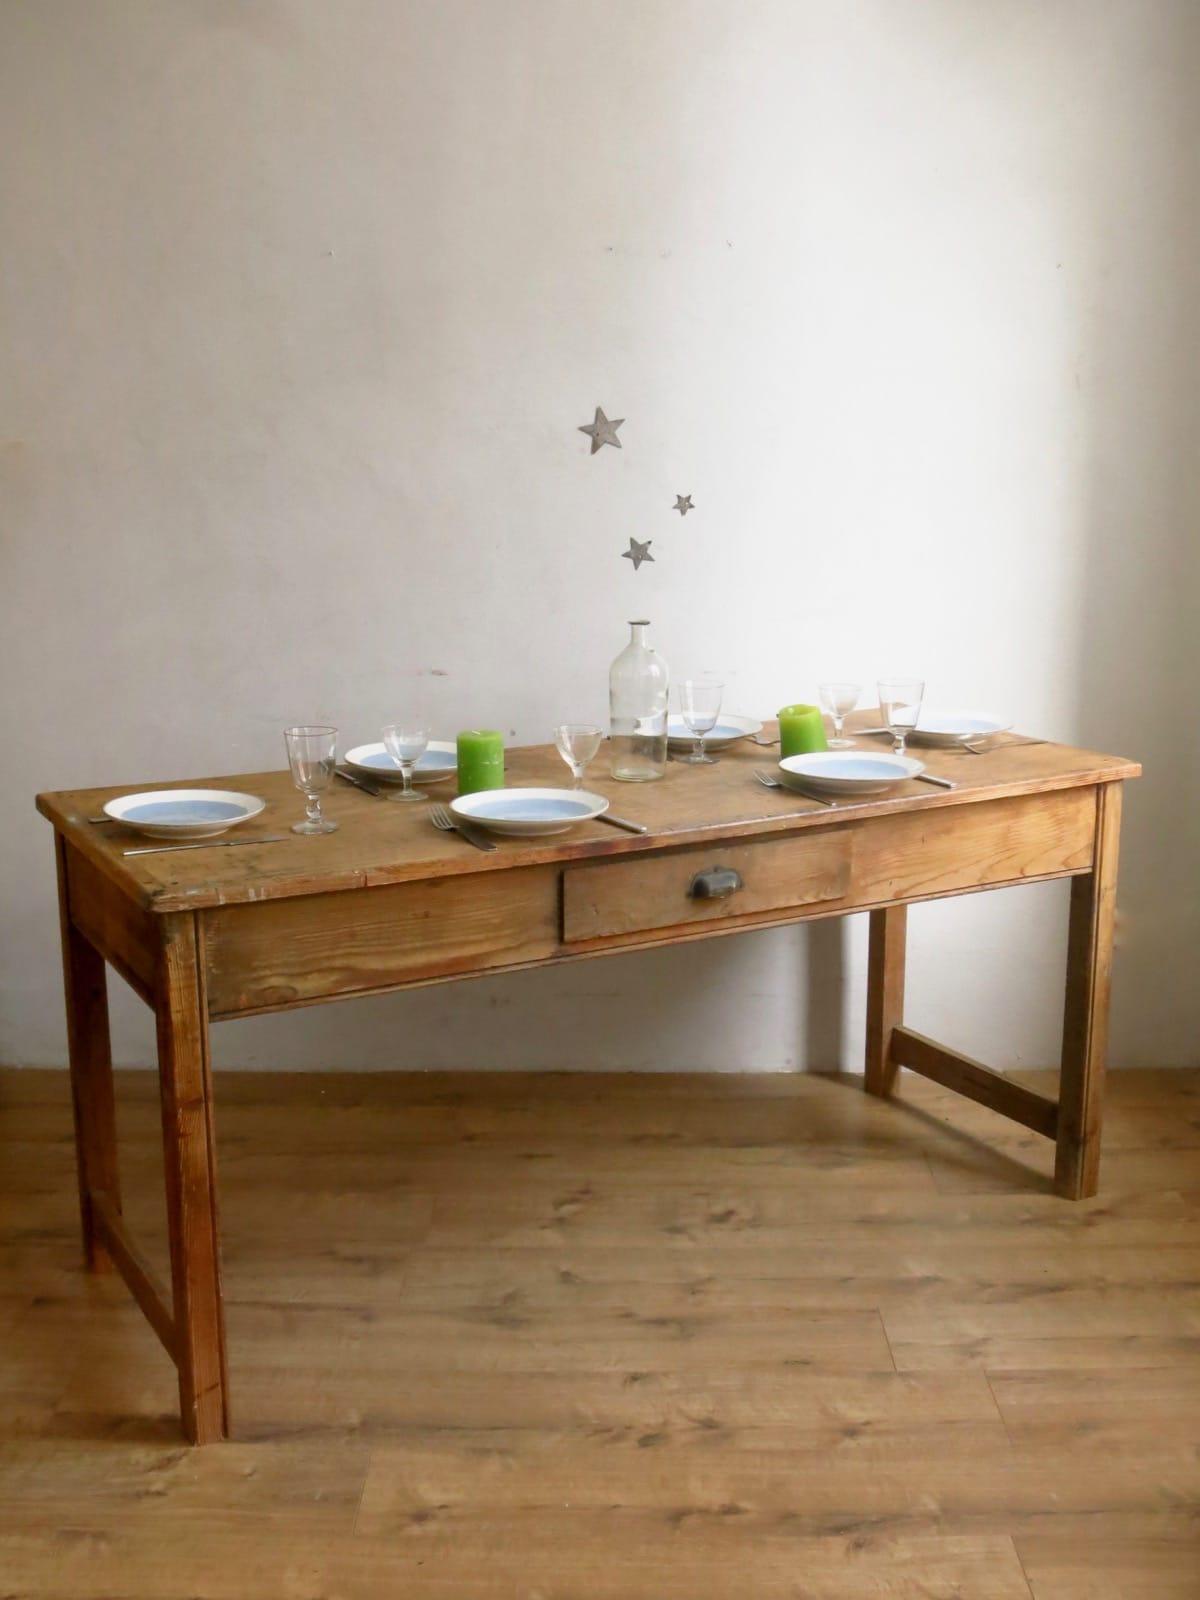 Table de ferme   C'est Vintage   Commodes, tables et buffets Vintage